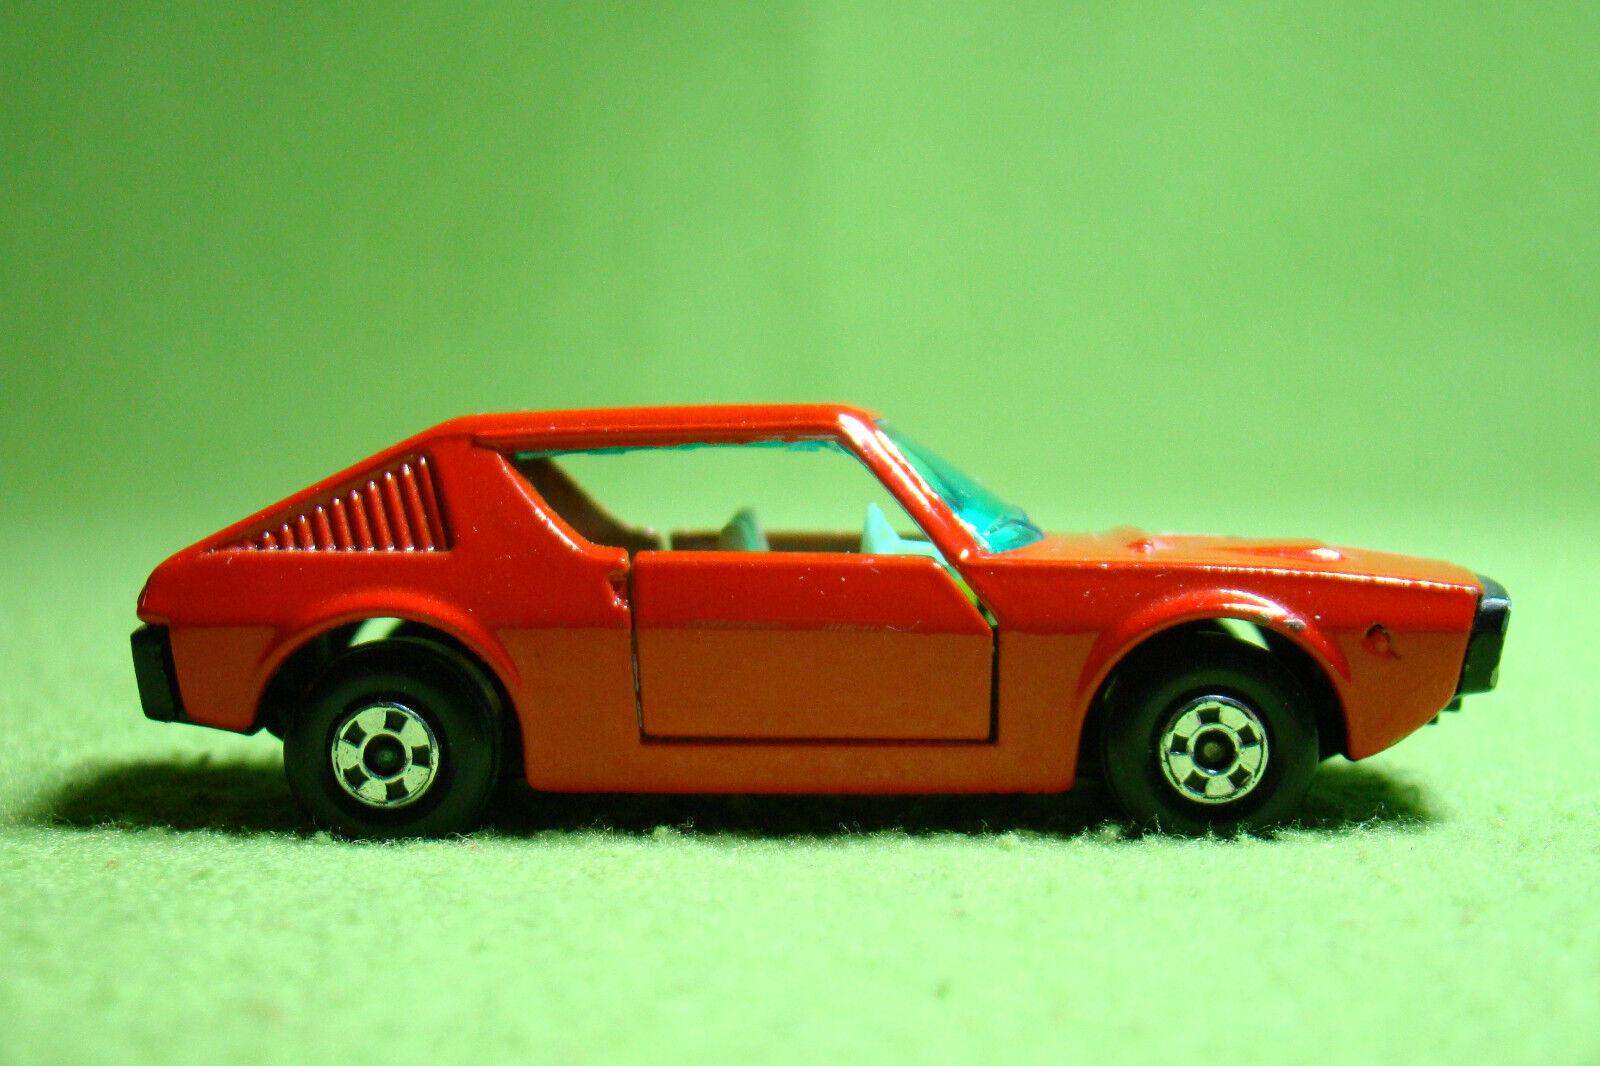 Modelos Coches - - - caja original de Matchbox - Superfast - No 62 Renault 17 TL - 6 label- c66a4f